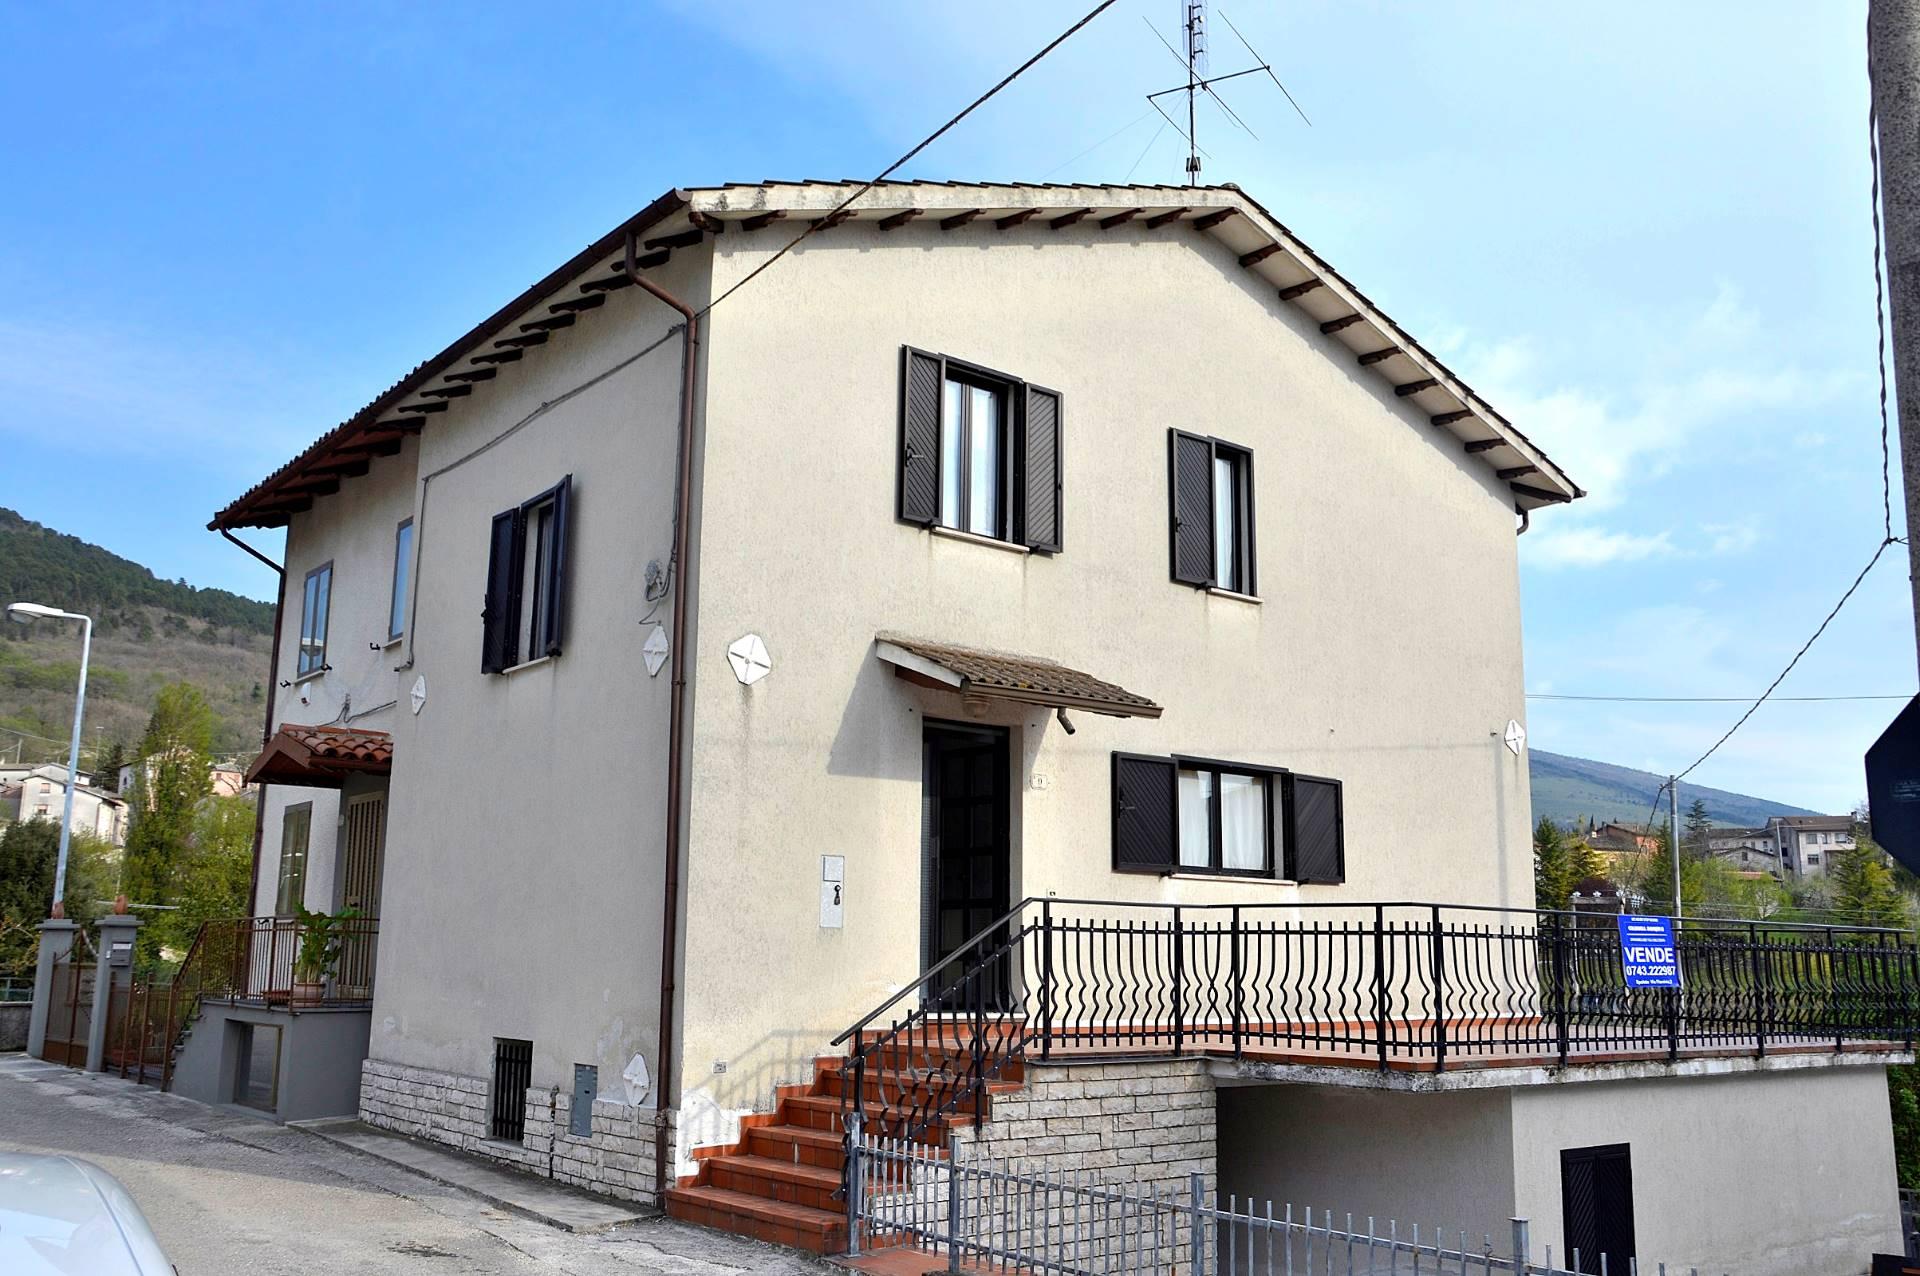 Altro in vendita a Fossato di Vico, 4 locali, zona Zona: Purello, prezzo € 89.000 | Cambio Casa.it